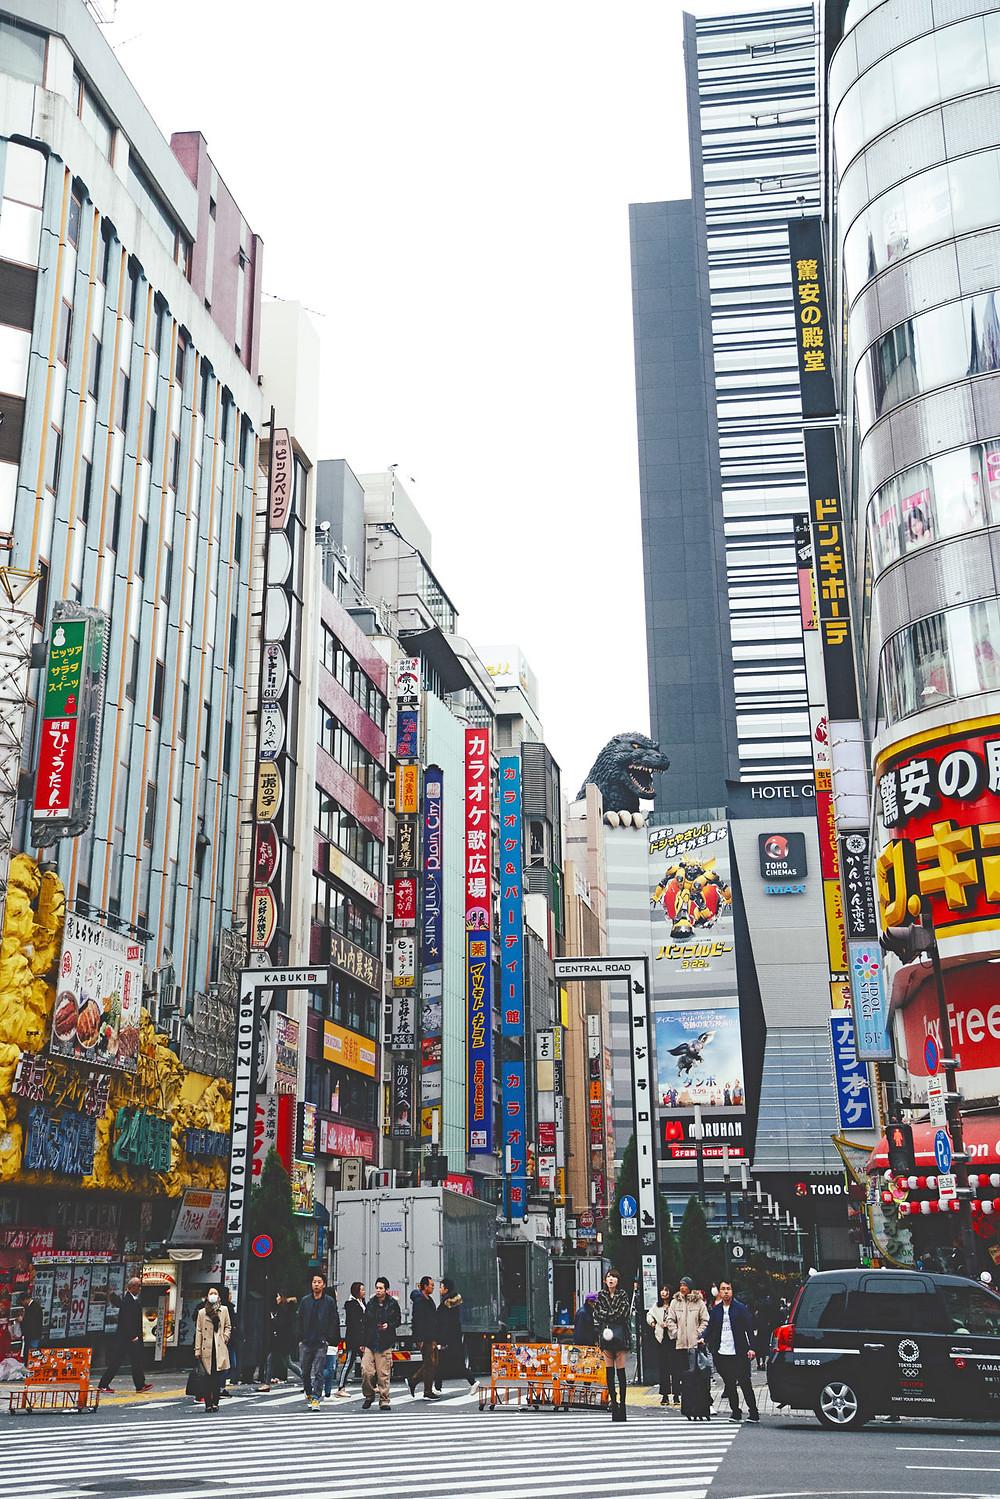 Kuvituskuva. Japanin katukuvassa korkeita taloja ja mainoskylttejä. Talojen takaa pilkistää Godzilla-hirviön tumma liskomainen pää.